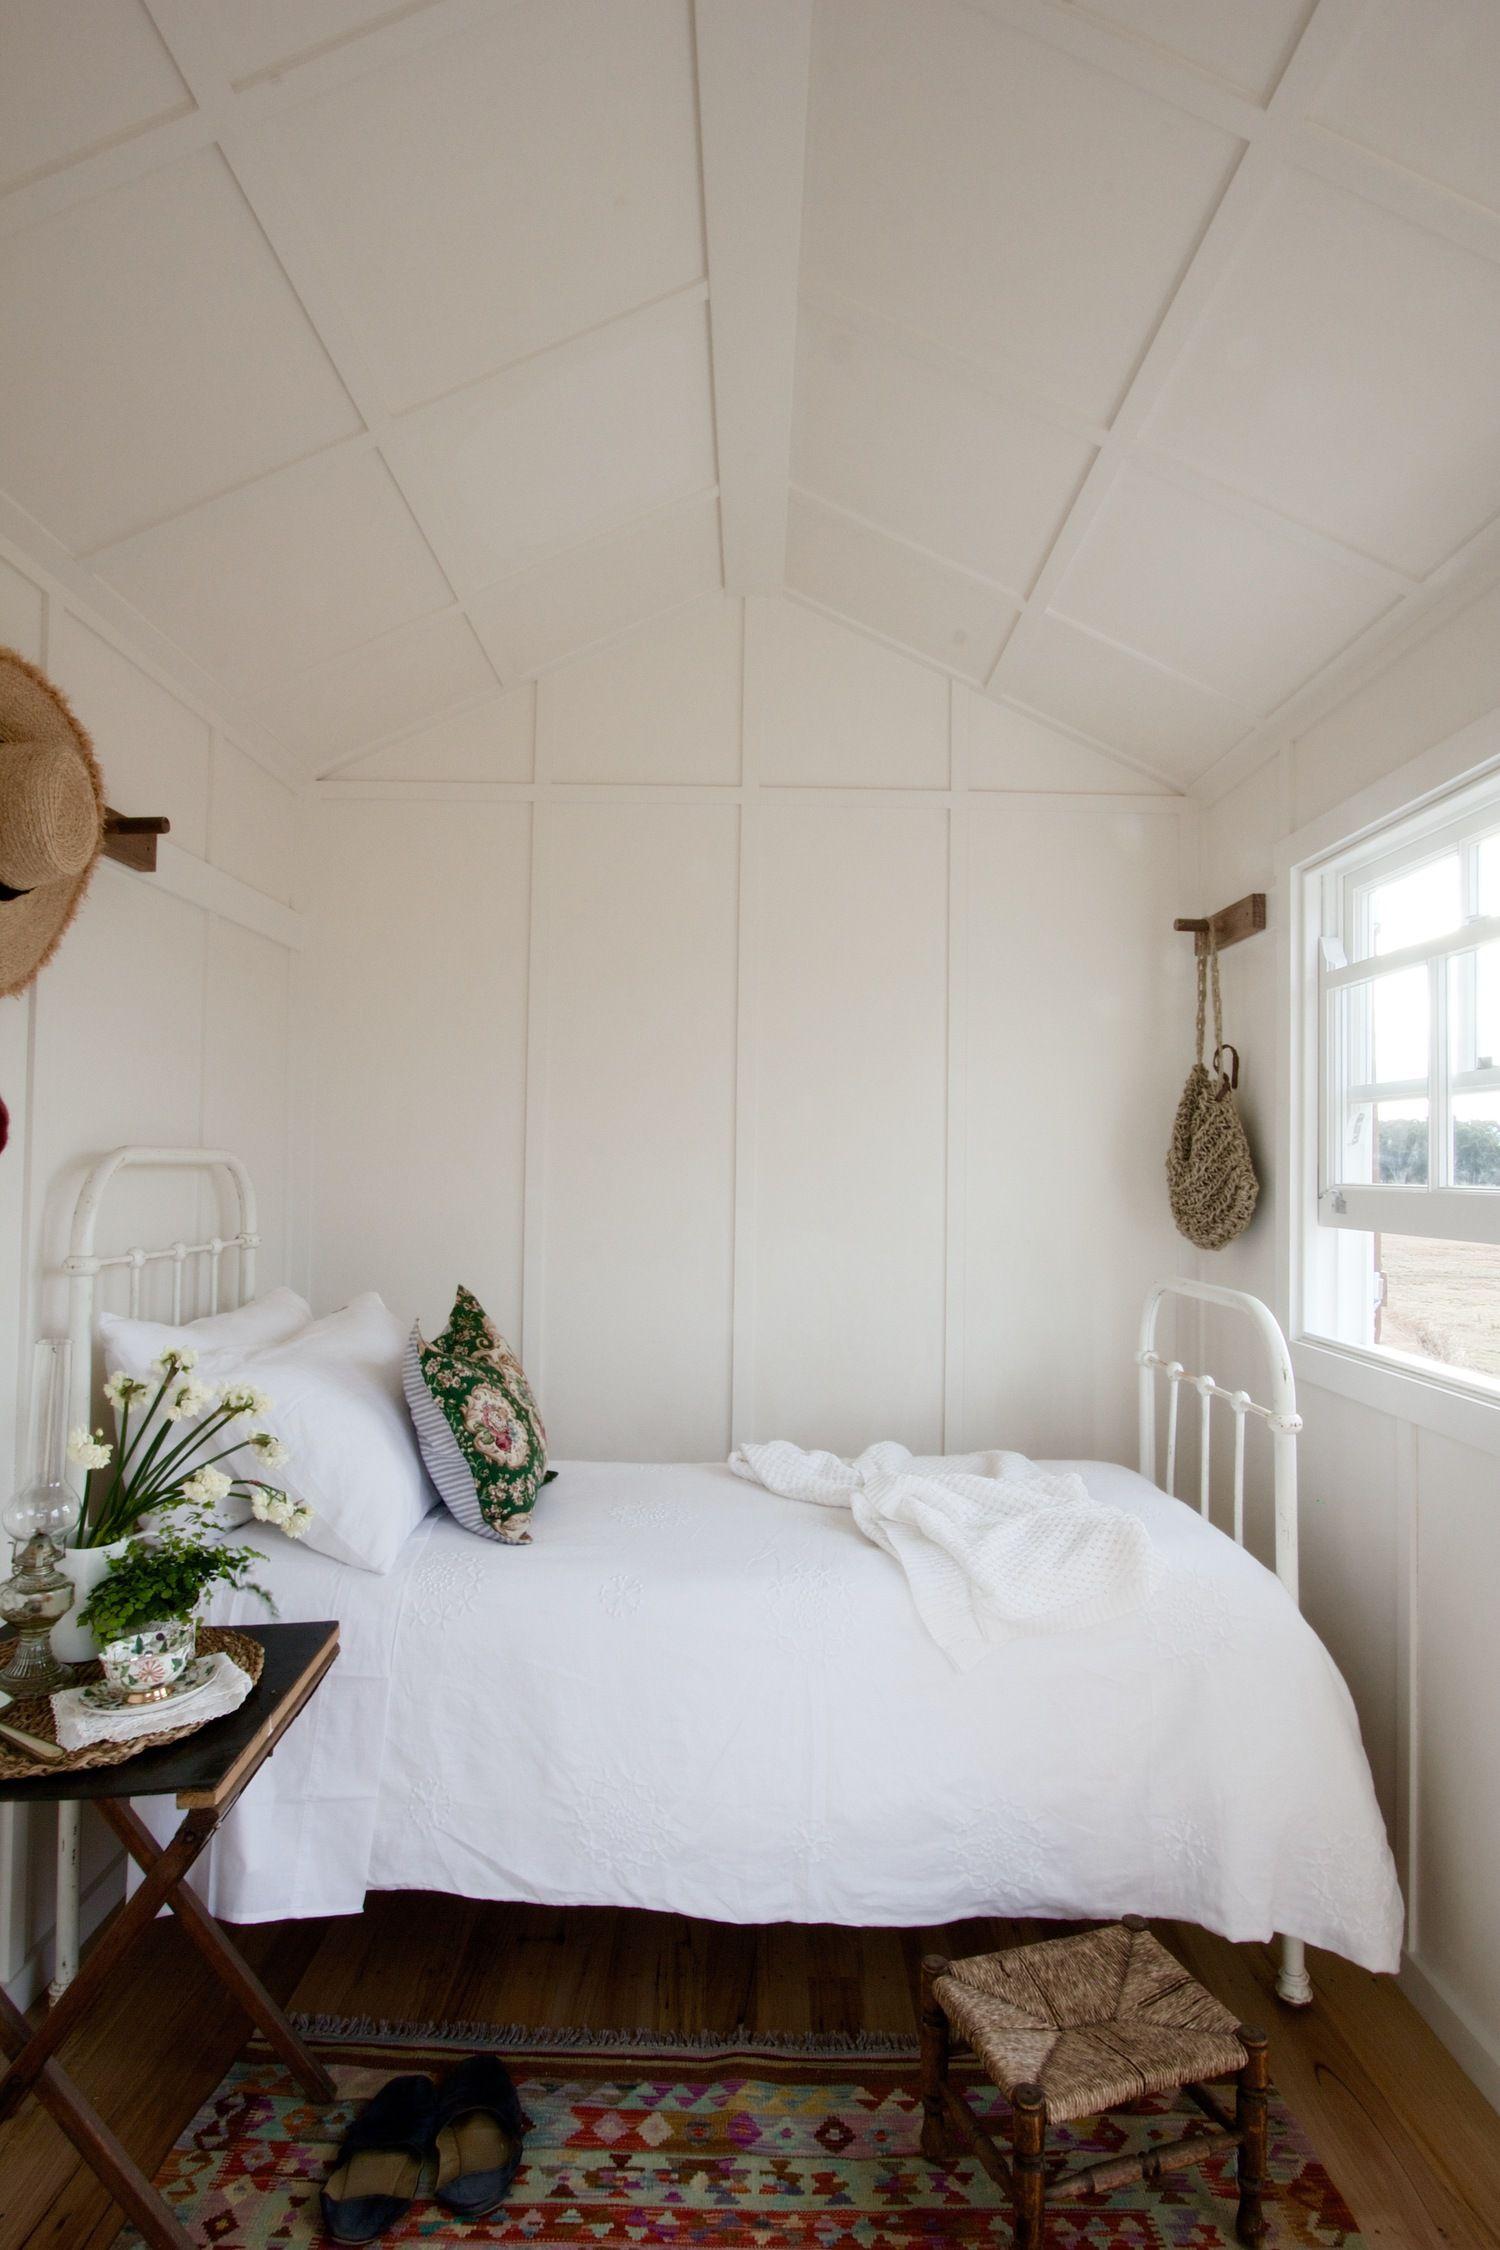 Sleepout Kids Room Design Petite Chambre Petits Chambres Et